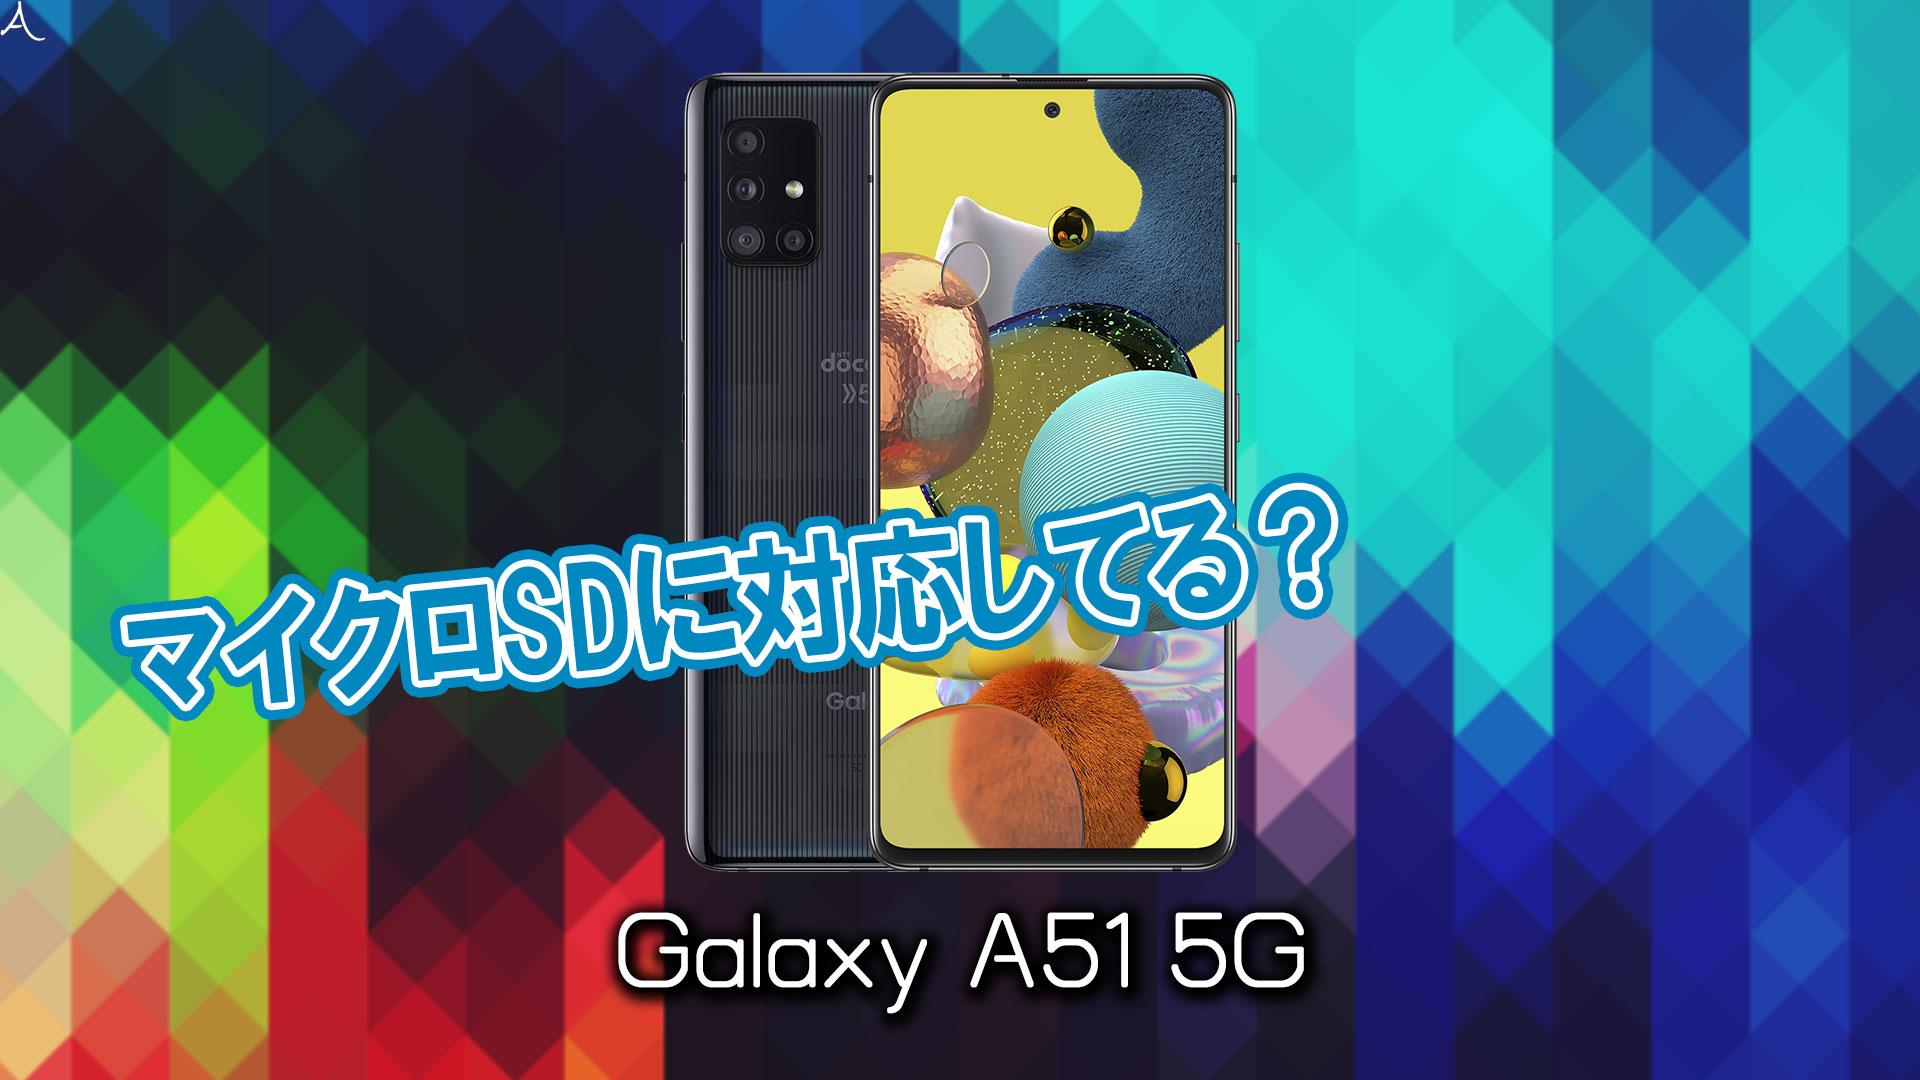 「Galaxy A51 5G」はマイクロSDに対応してる?おすすめカードと正しい選び方